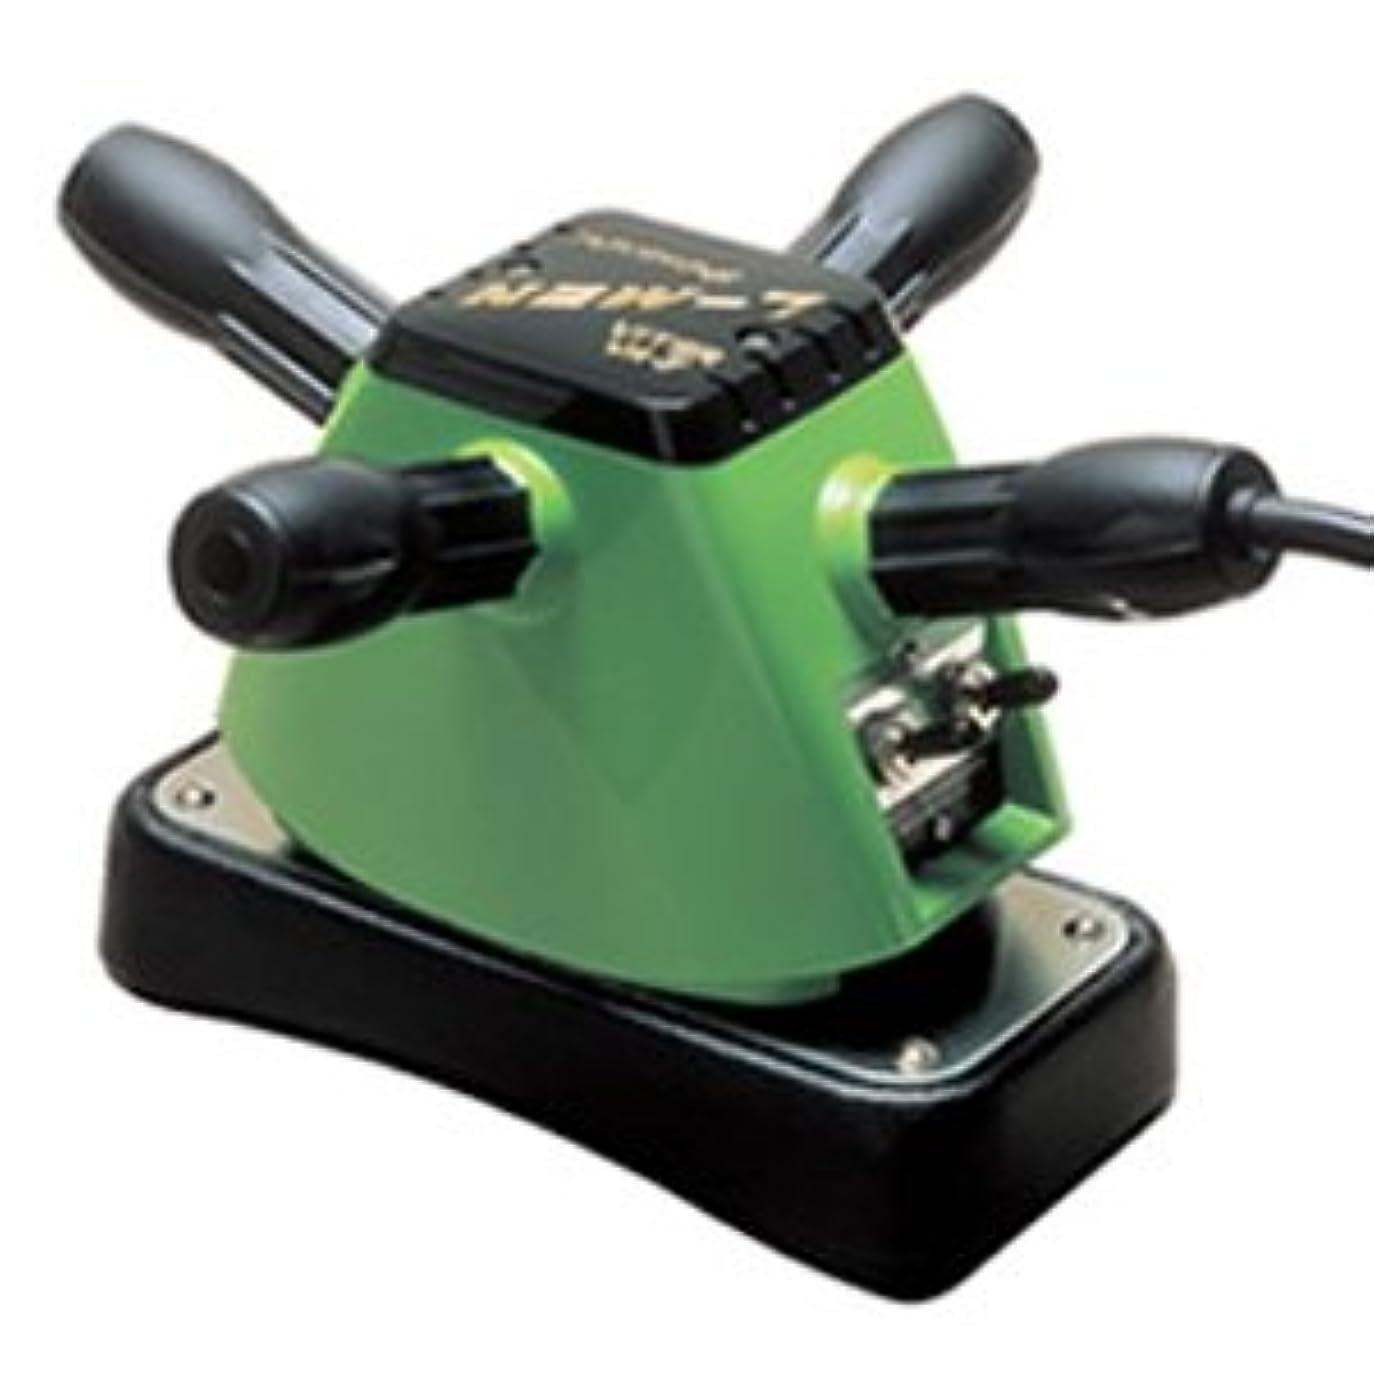 ビッグフィールド レイマックス バイター NEW-7+ゲルマニウムスリムローラーEX (ゴールド)セット